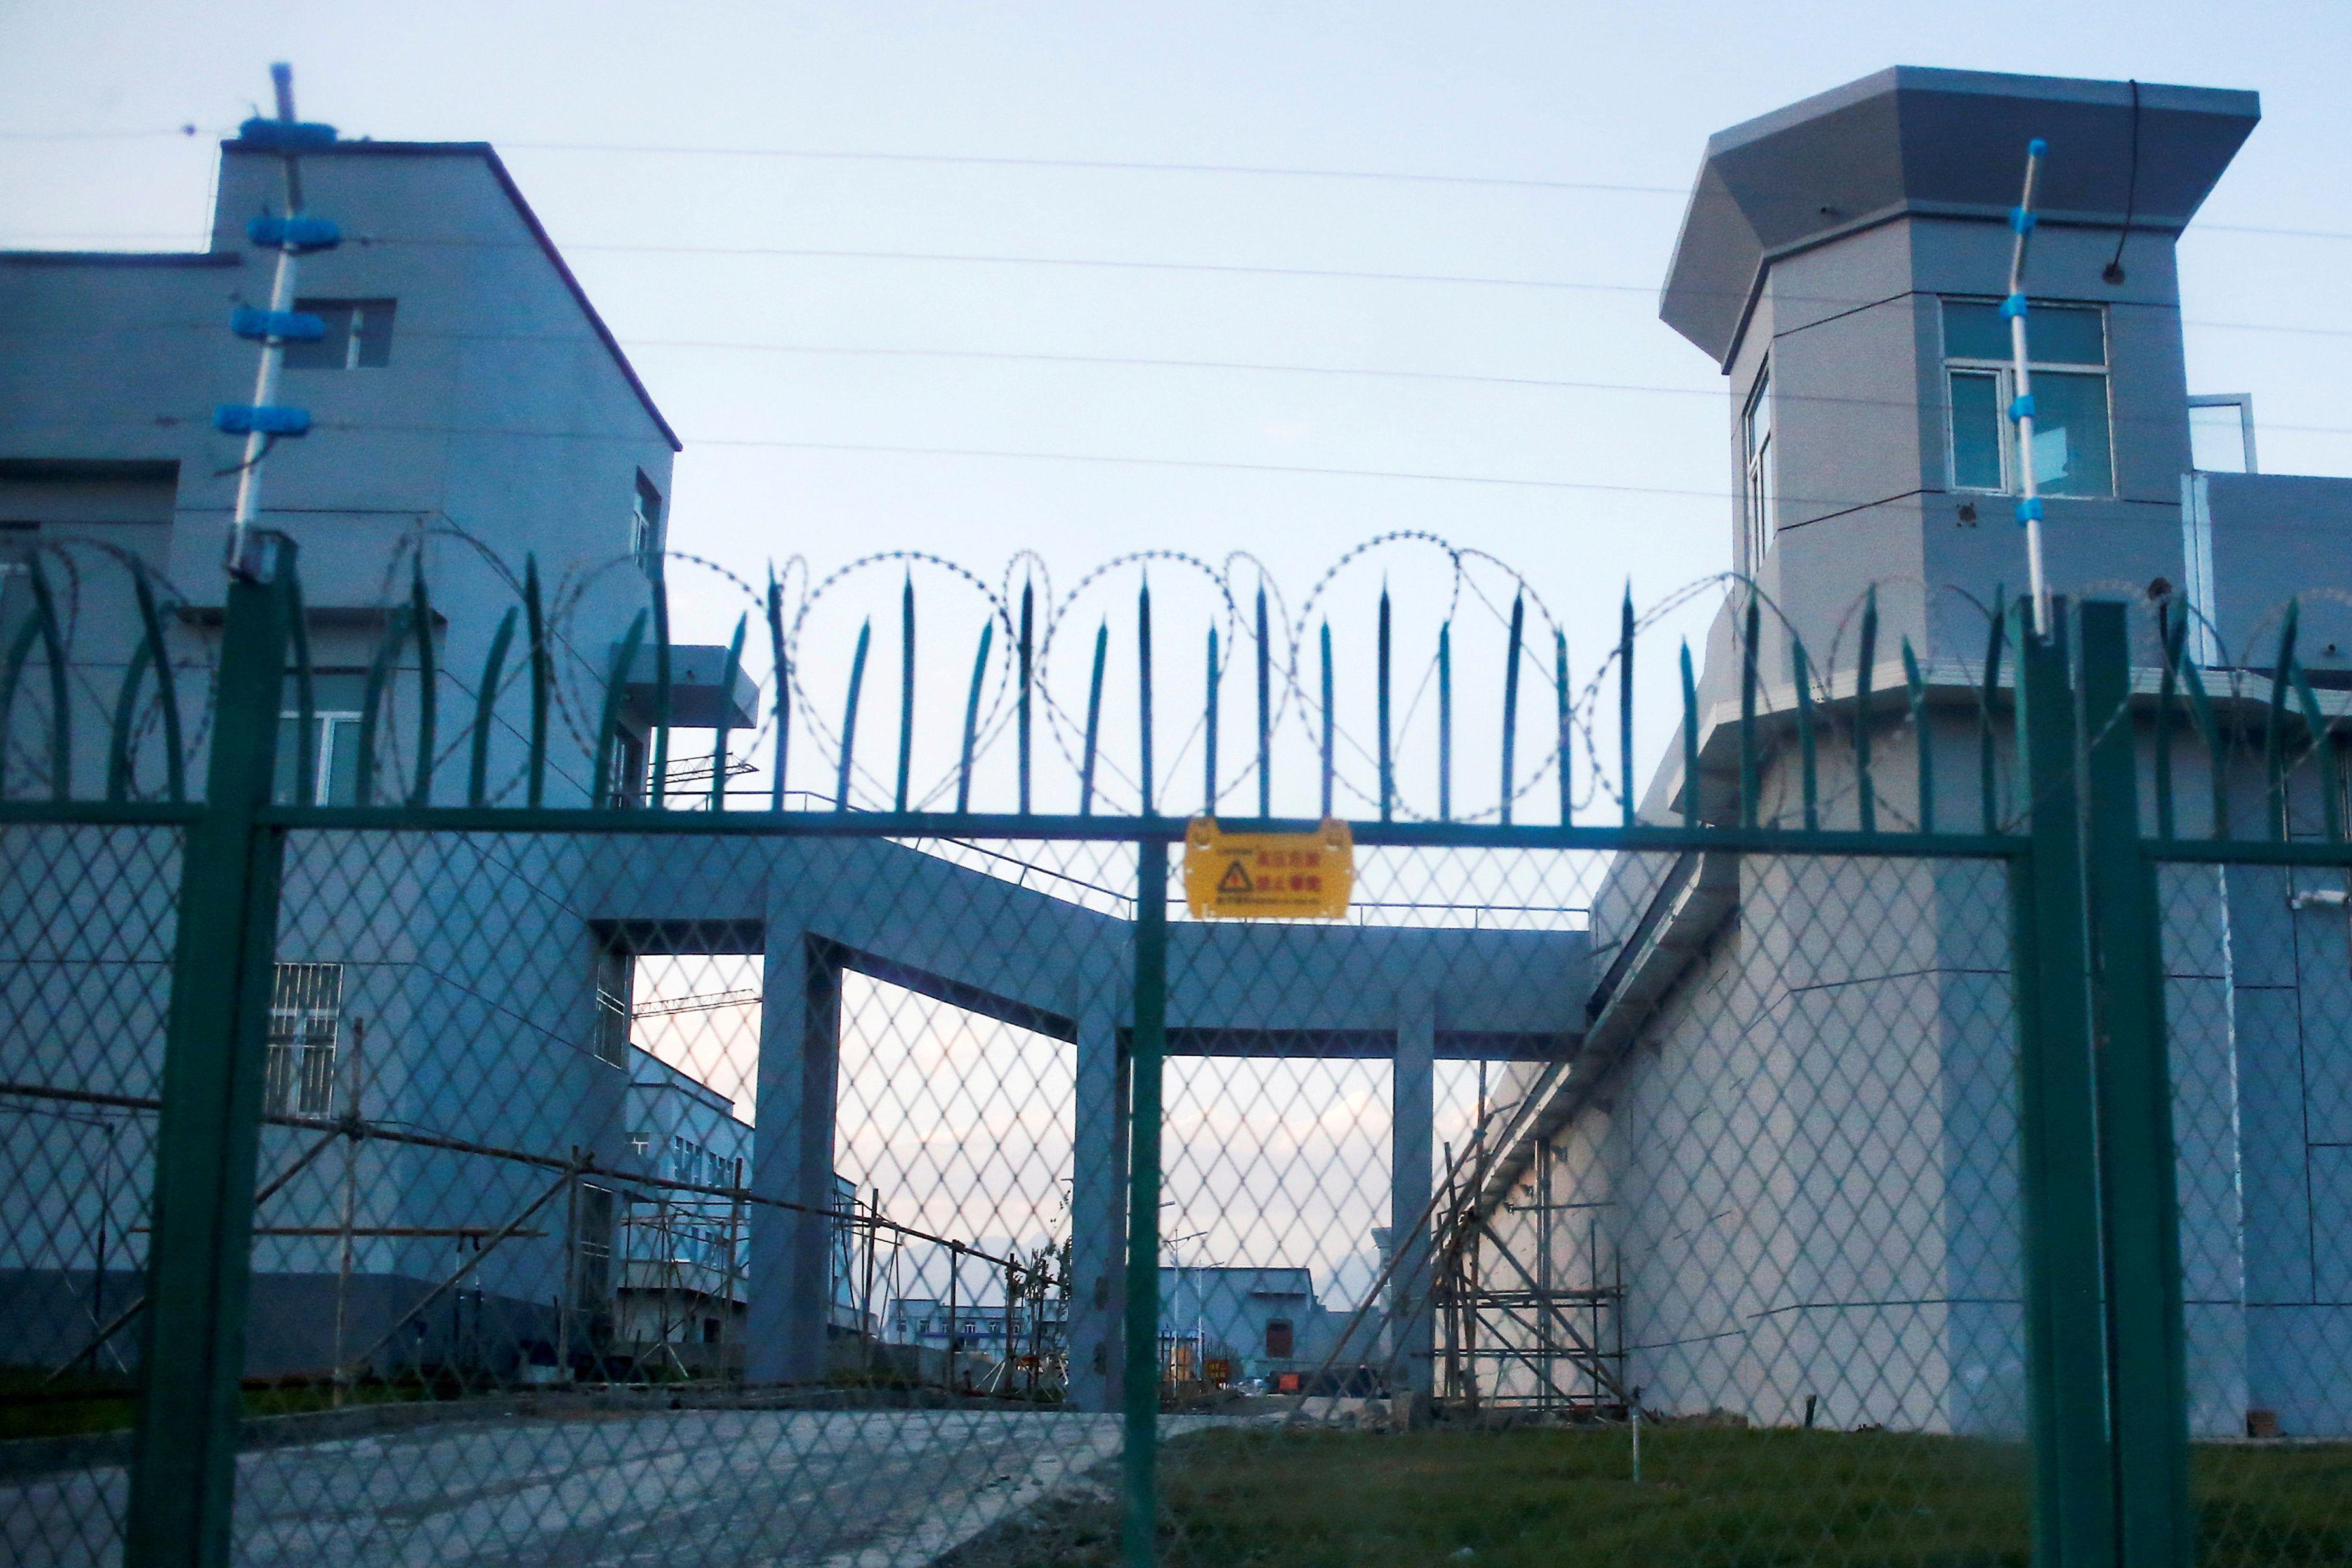 Una cerca perimetral alrededor de lo que se conoce oficialmente como un centro de educación de habilidades vocacionales en Dabancheng, en la Región Autónoma Uigur de Xinjiang, China, 4 de septiembre de 2018. REUTERS / Thomas Peter / Foto de archivo